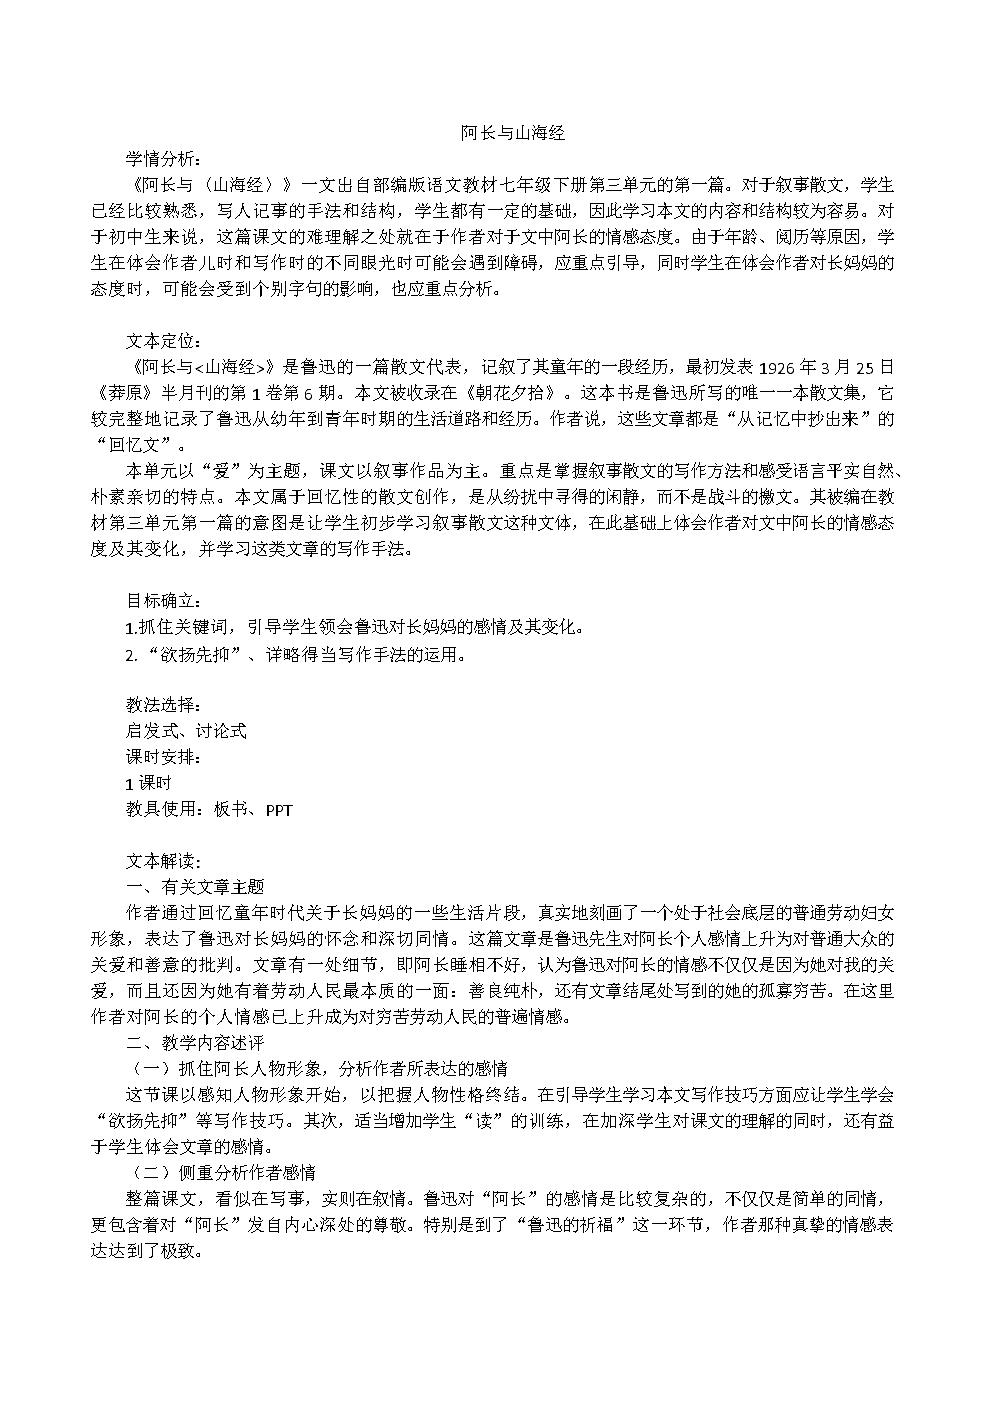 阿长与山海经 教材设计与分析.doc